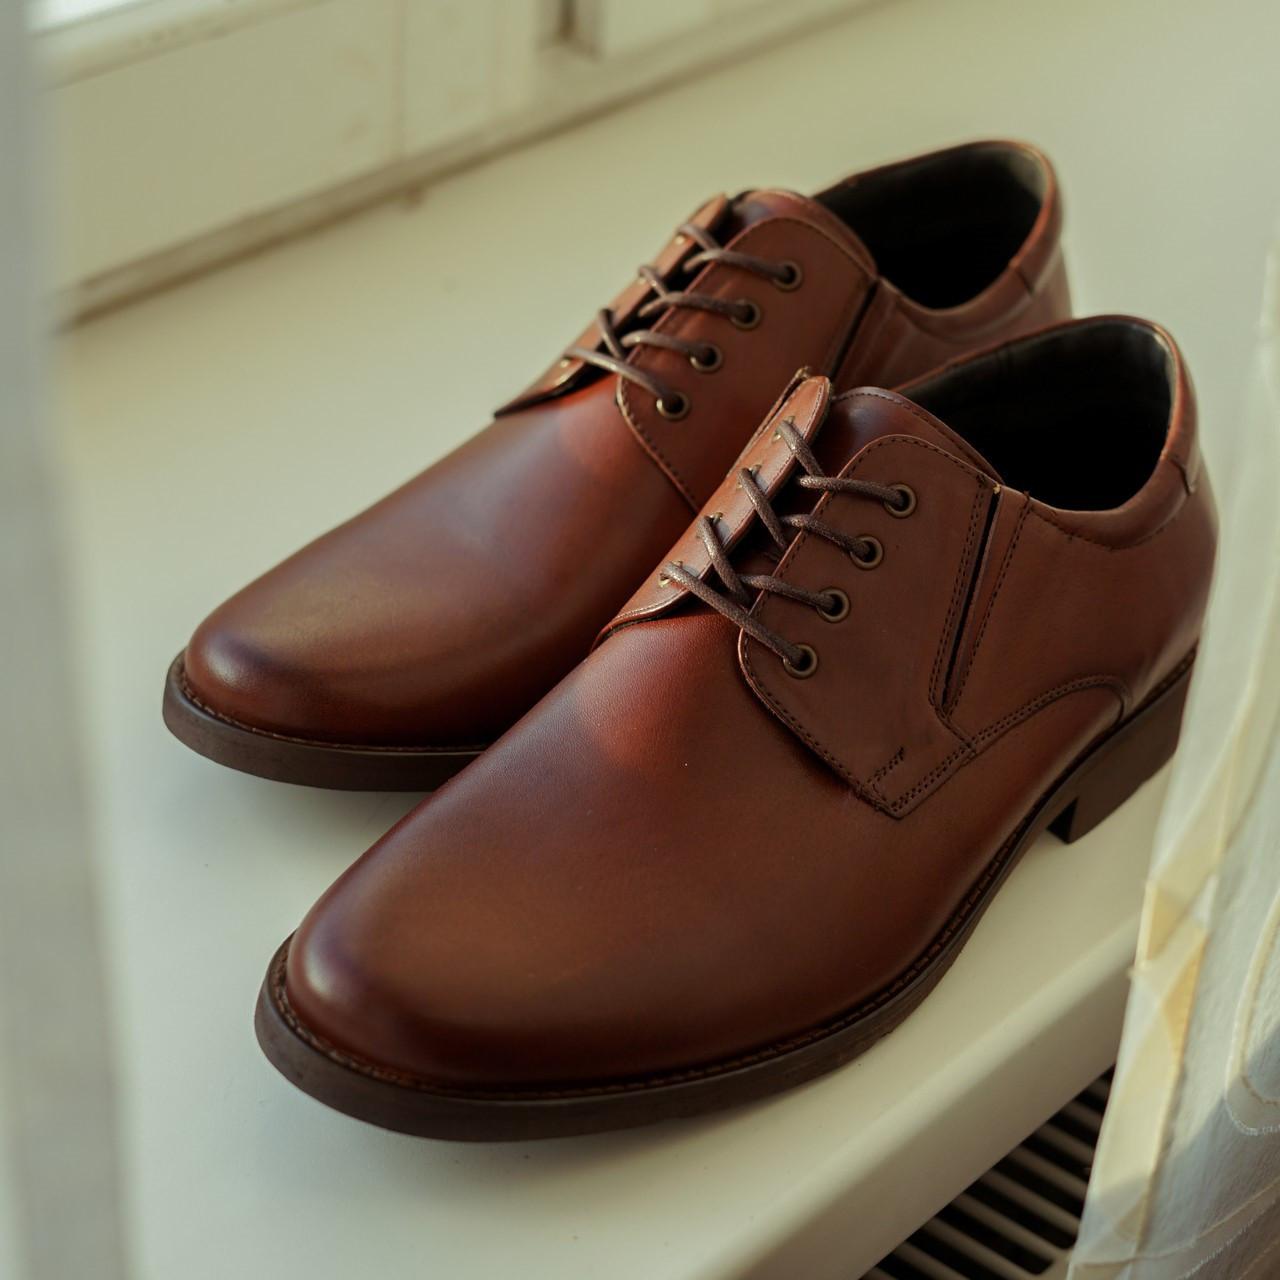 Коричневі шкіряні туфлі Pan 307